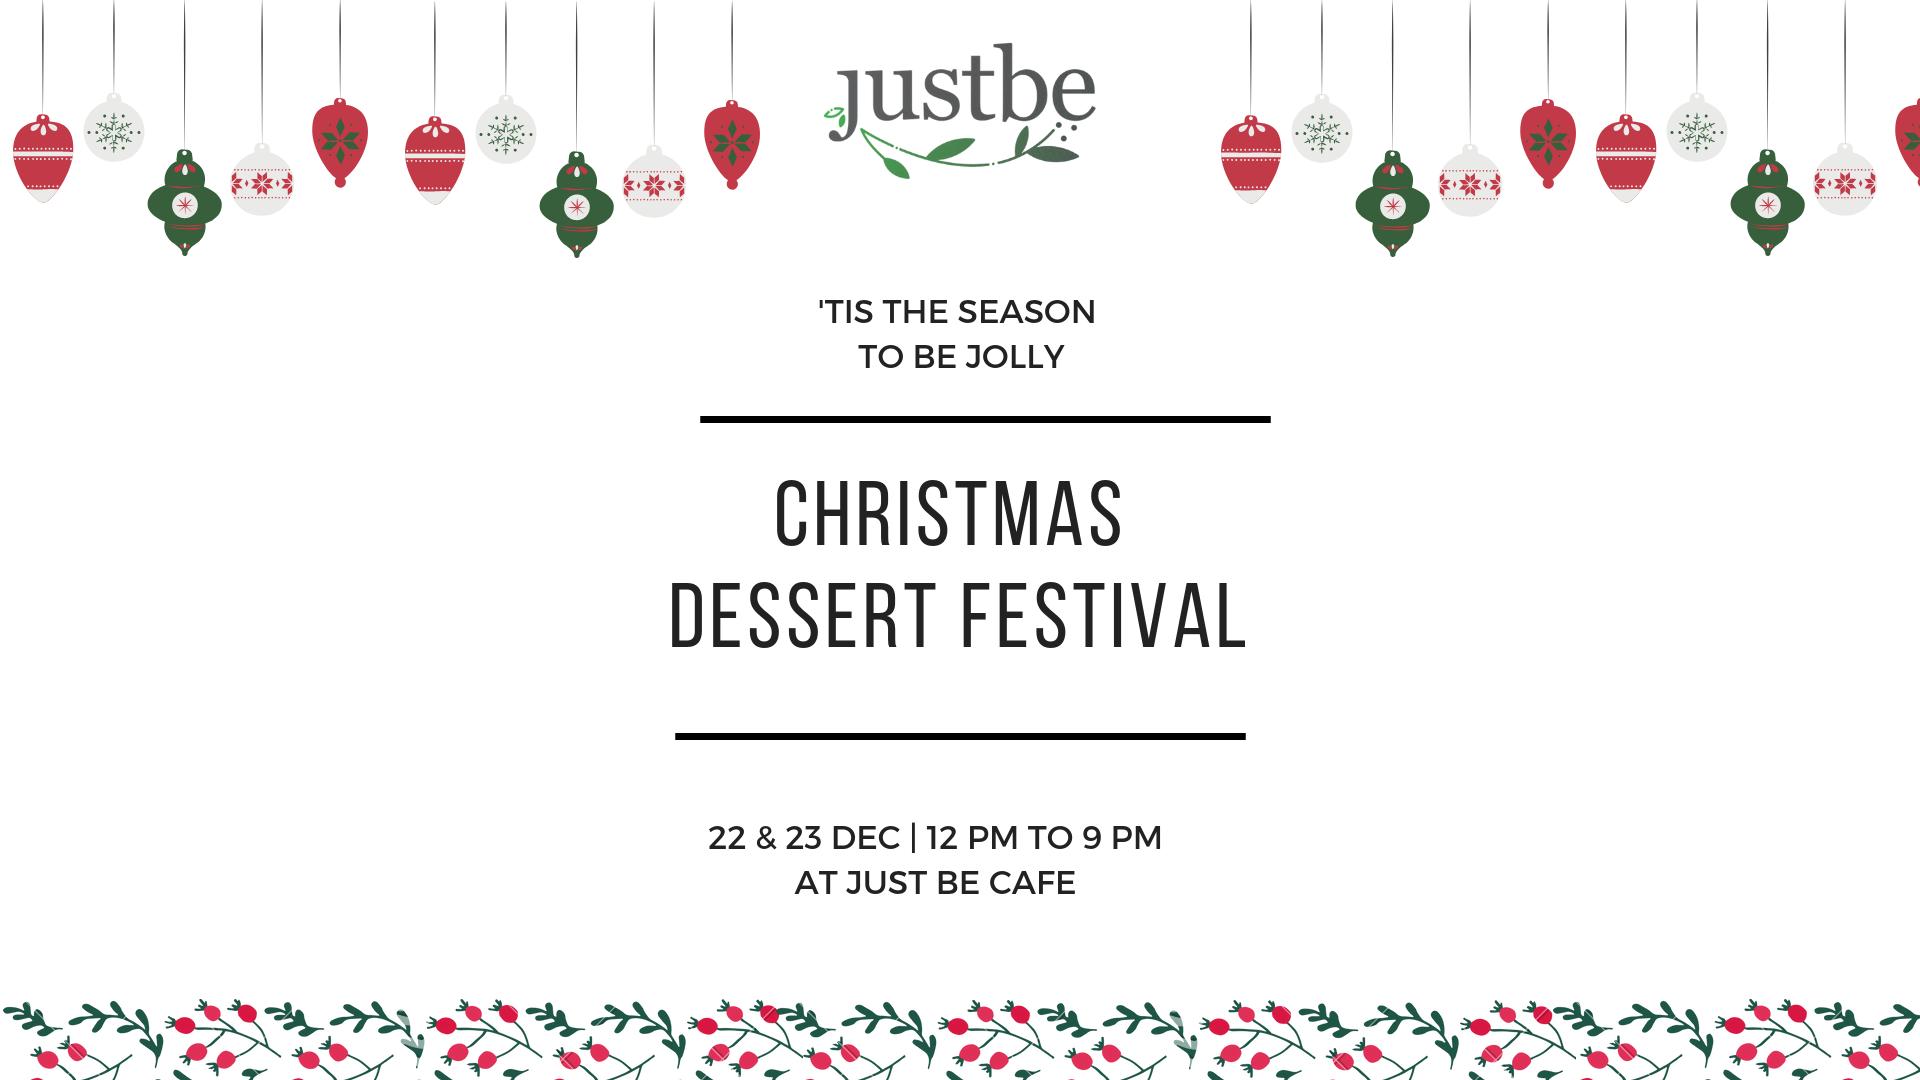 Christmas Dessert Festival